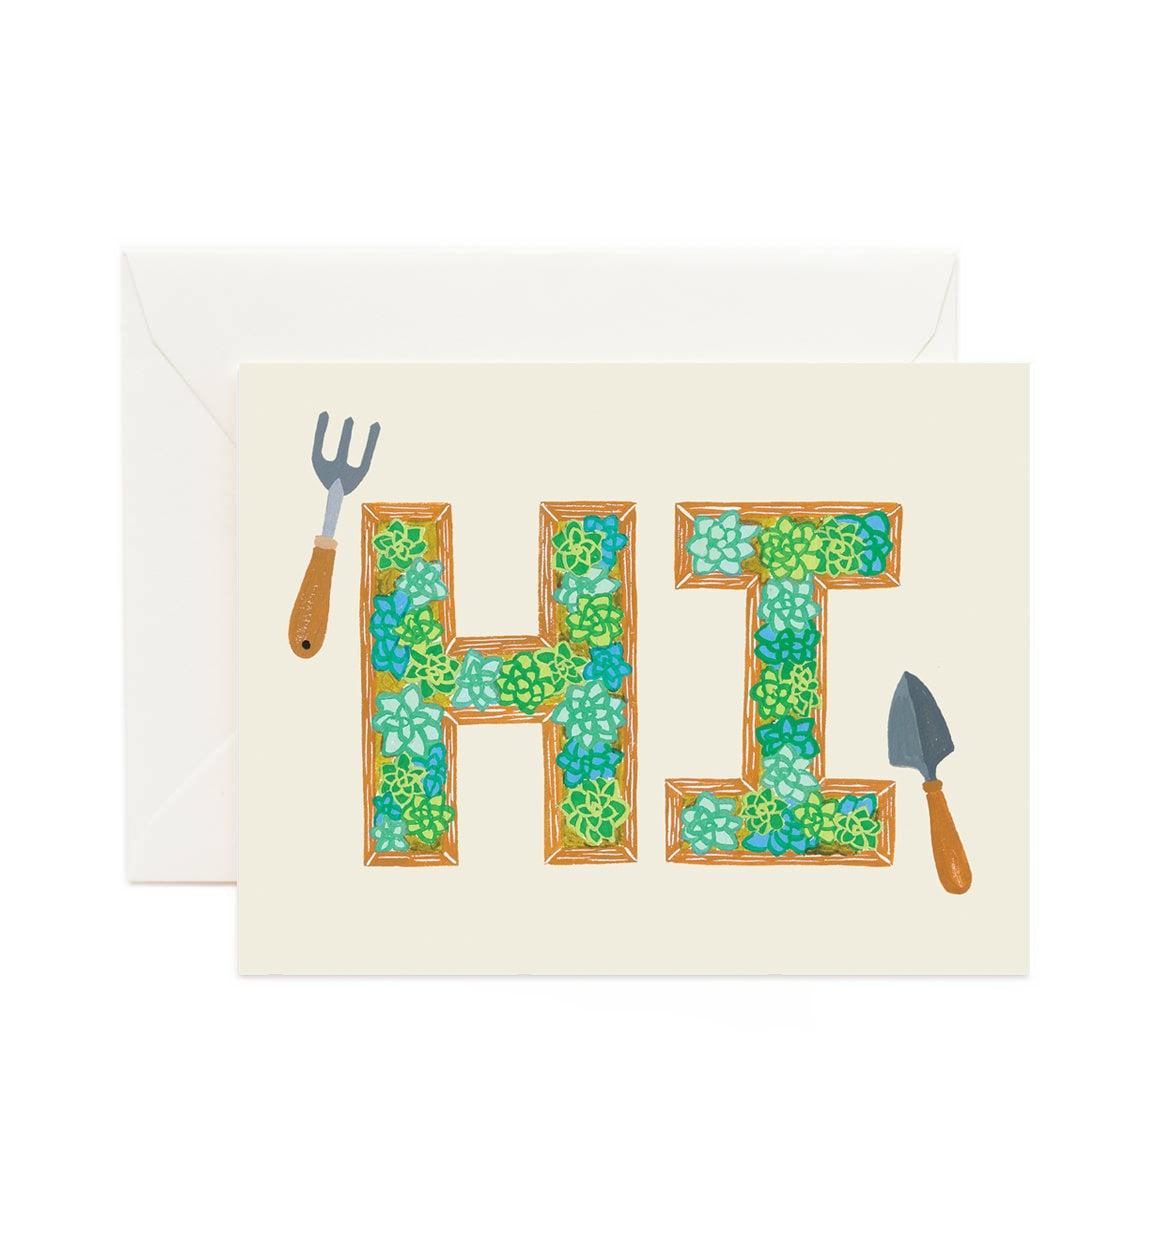 Hi Succulent Planter Boxes Hello Card Hi Card Hi Just Etsy